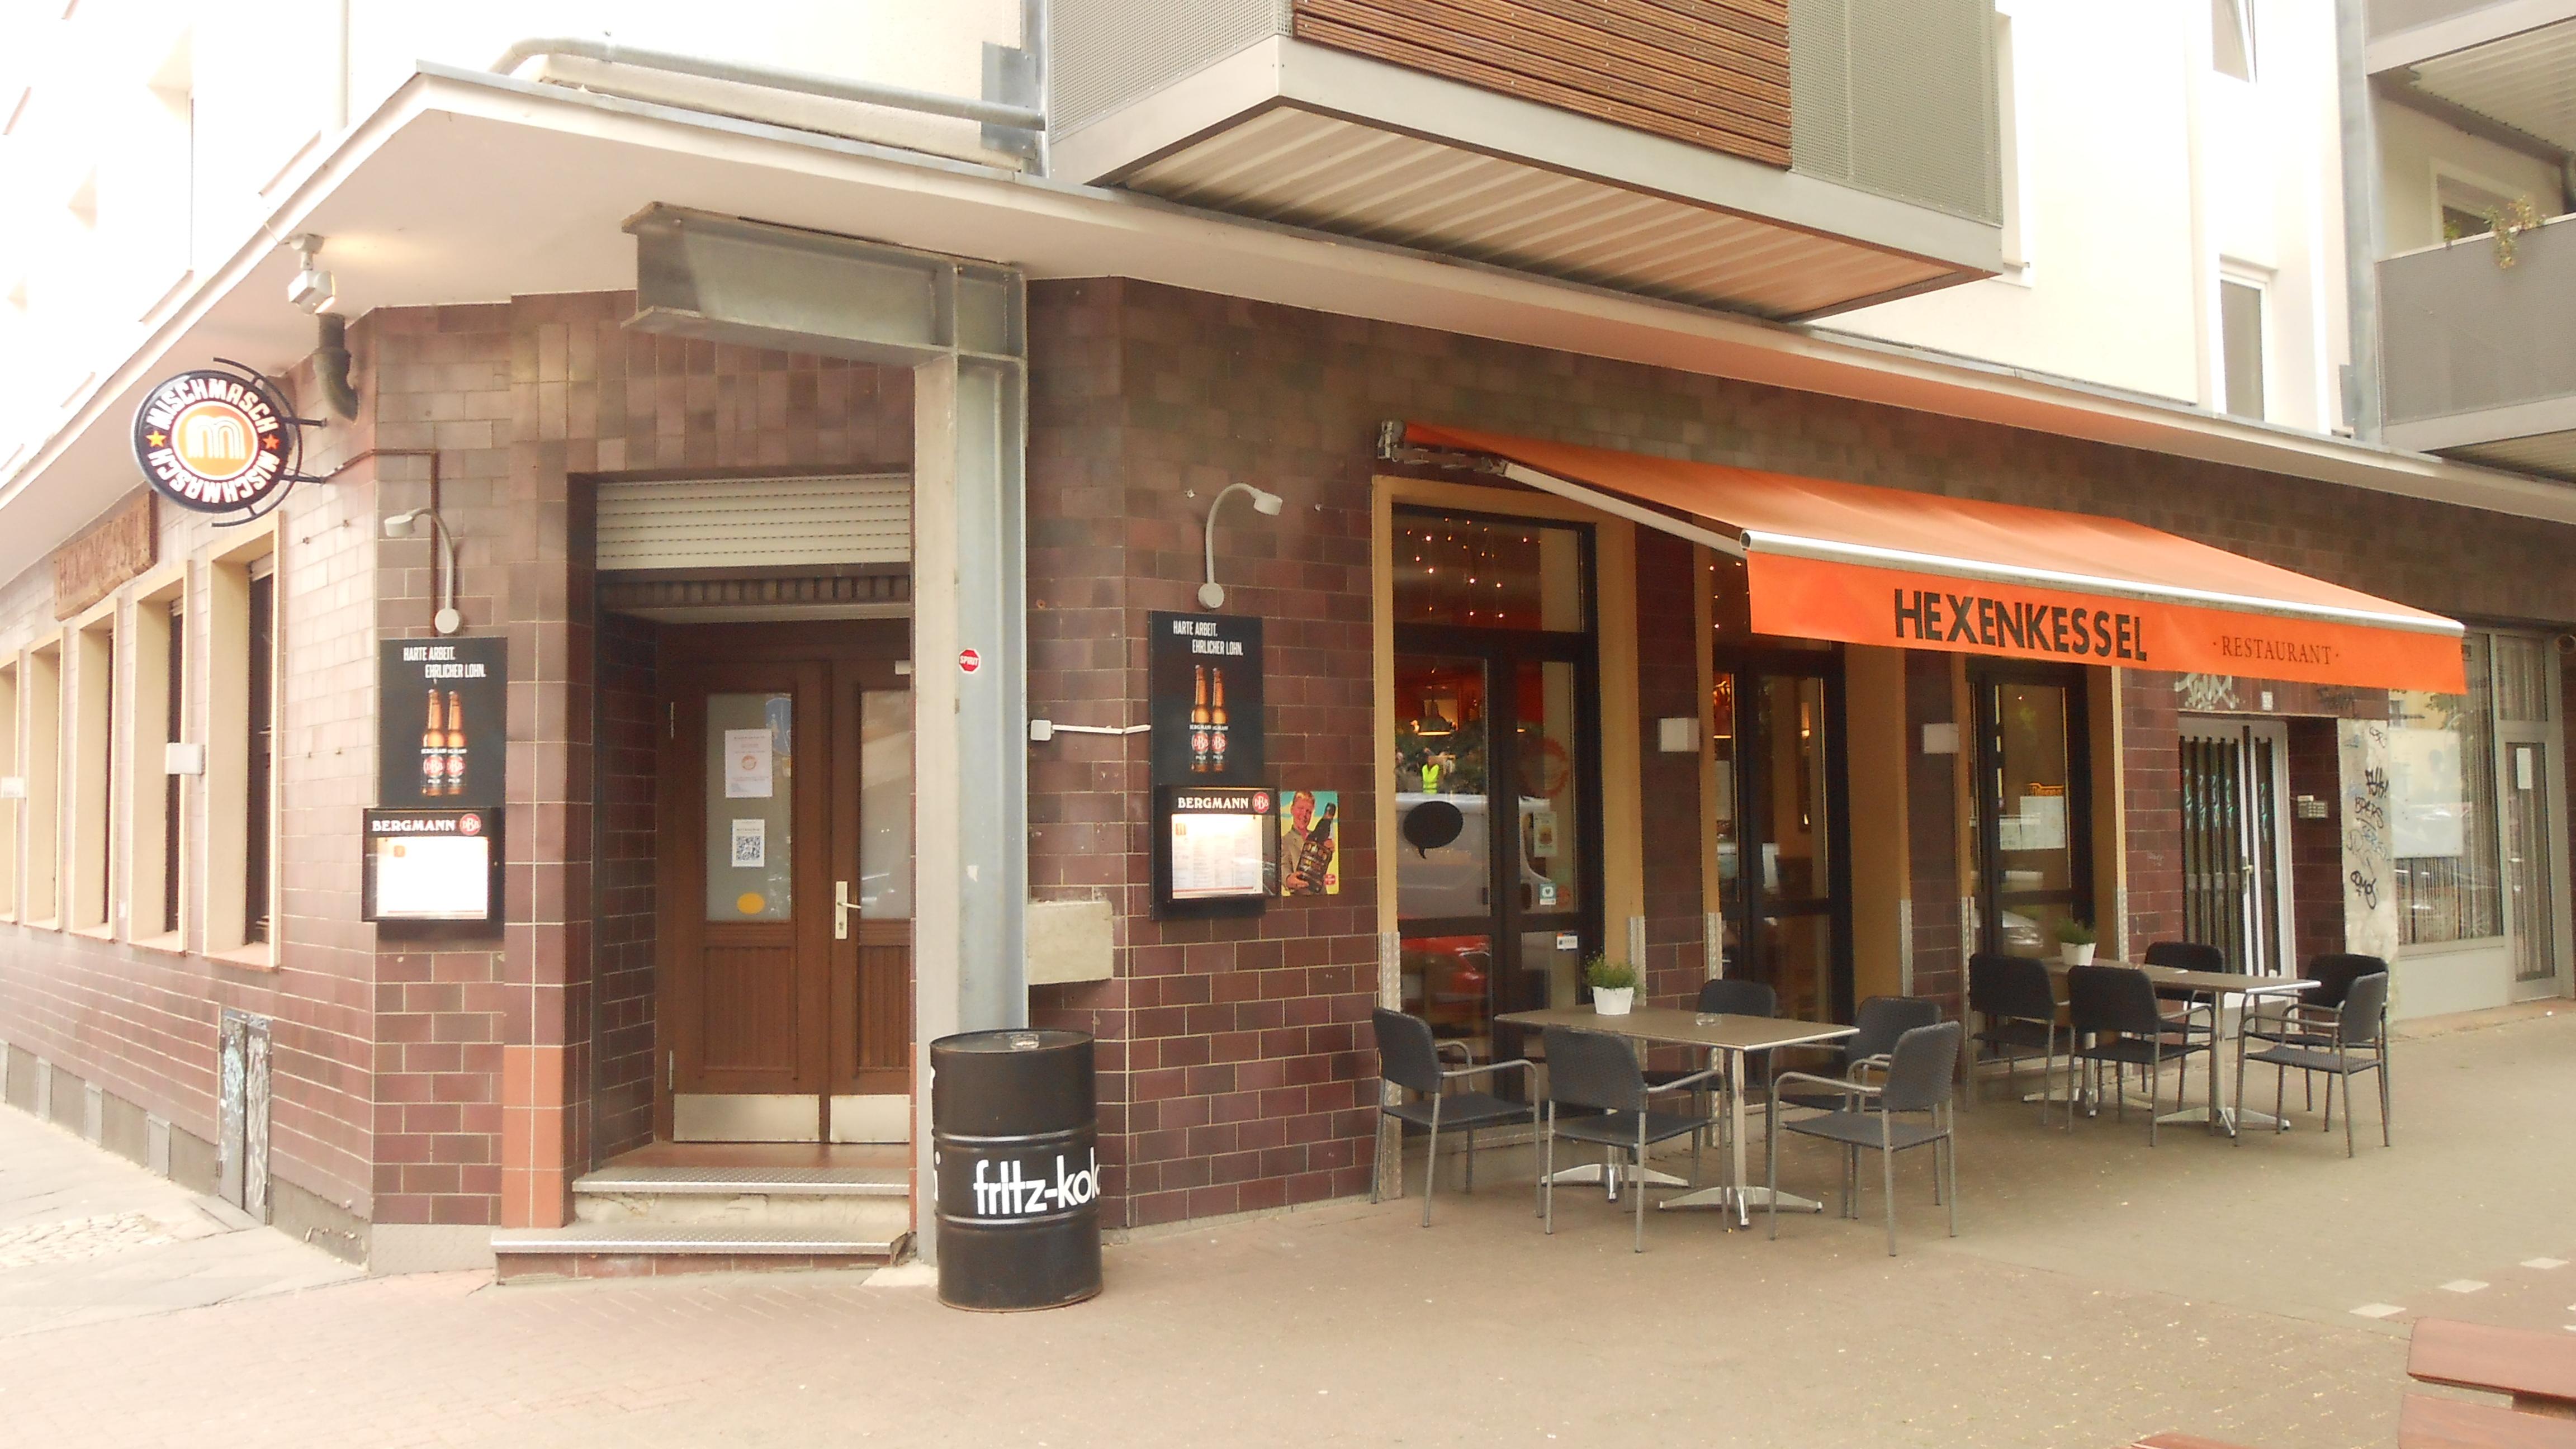 In House Dortmund file restaurant hexenkessel dortmund jpg wikimedia commons